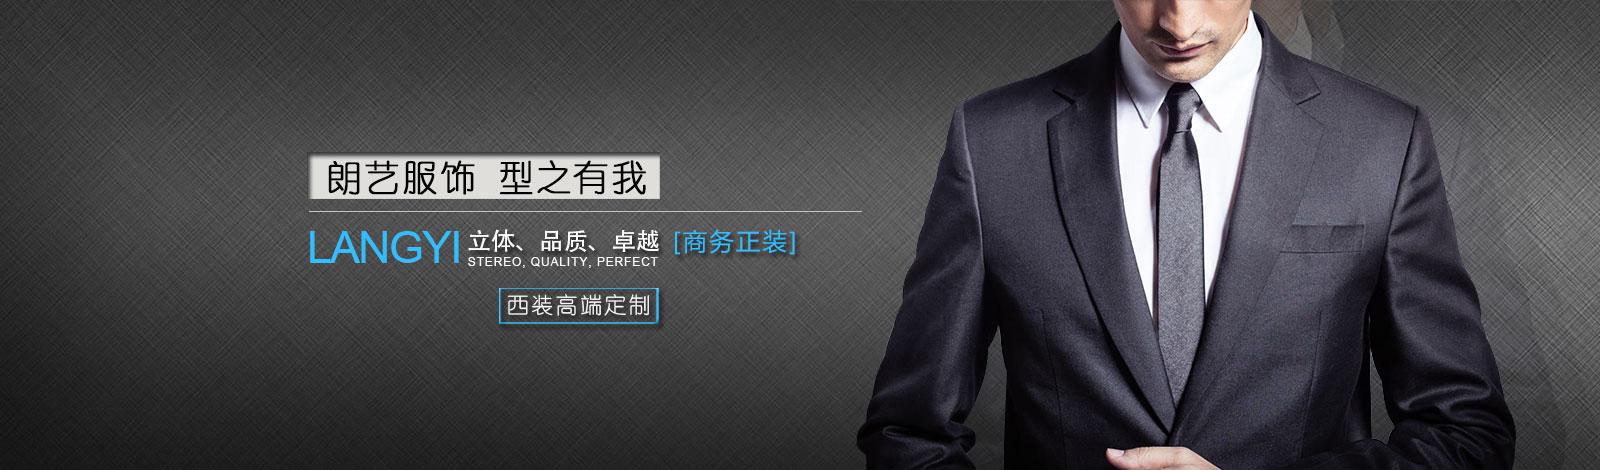 工作服定做廠家_上海朗藝服飾有限公司